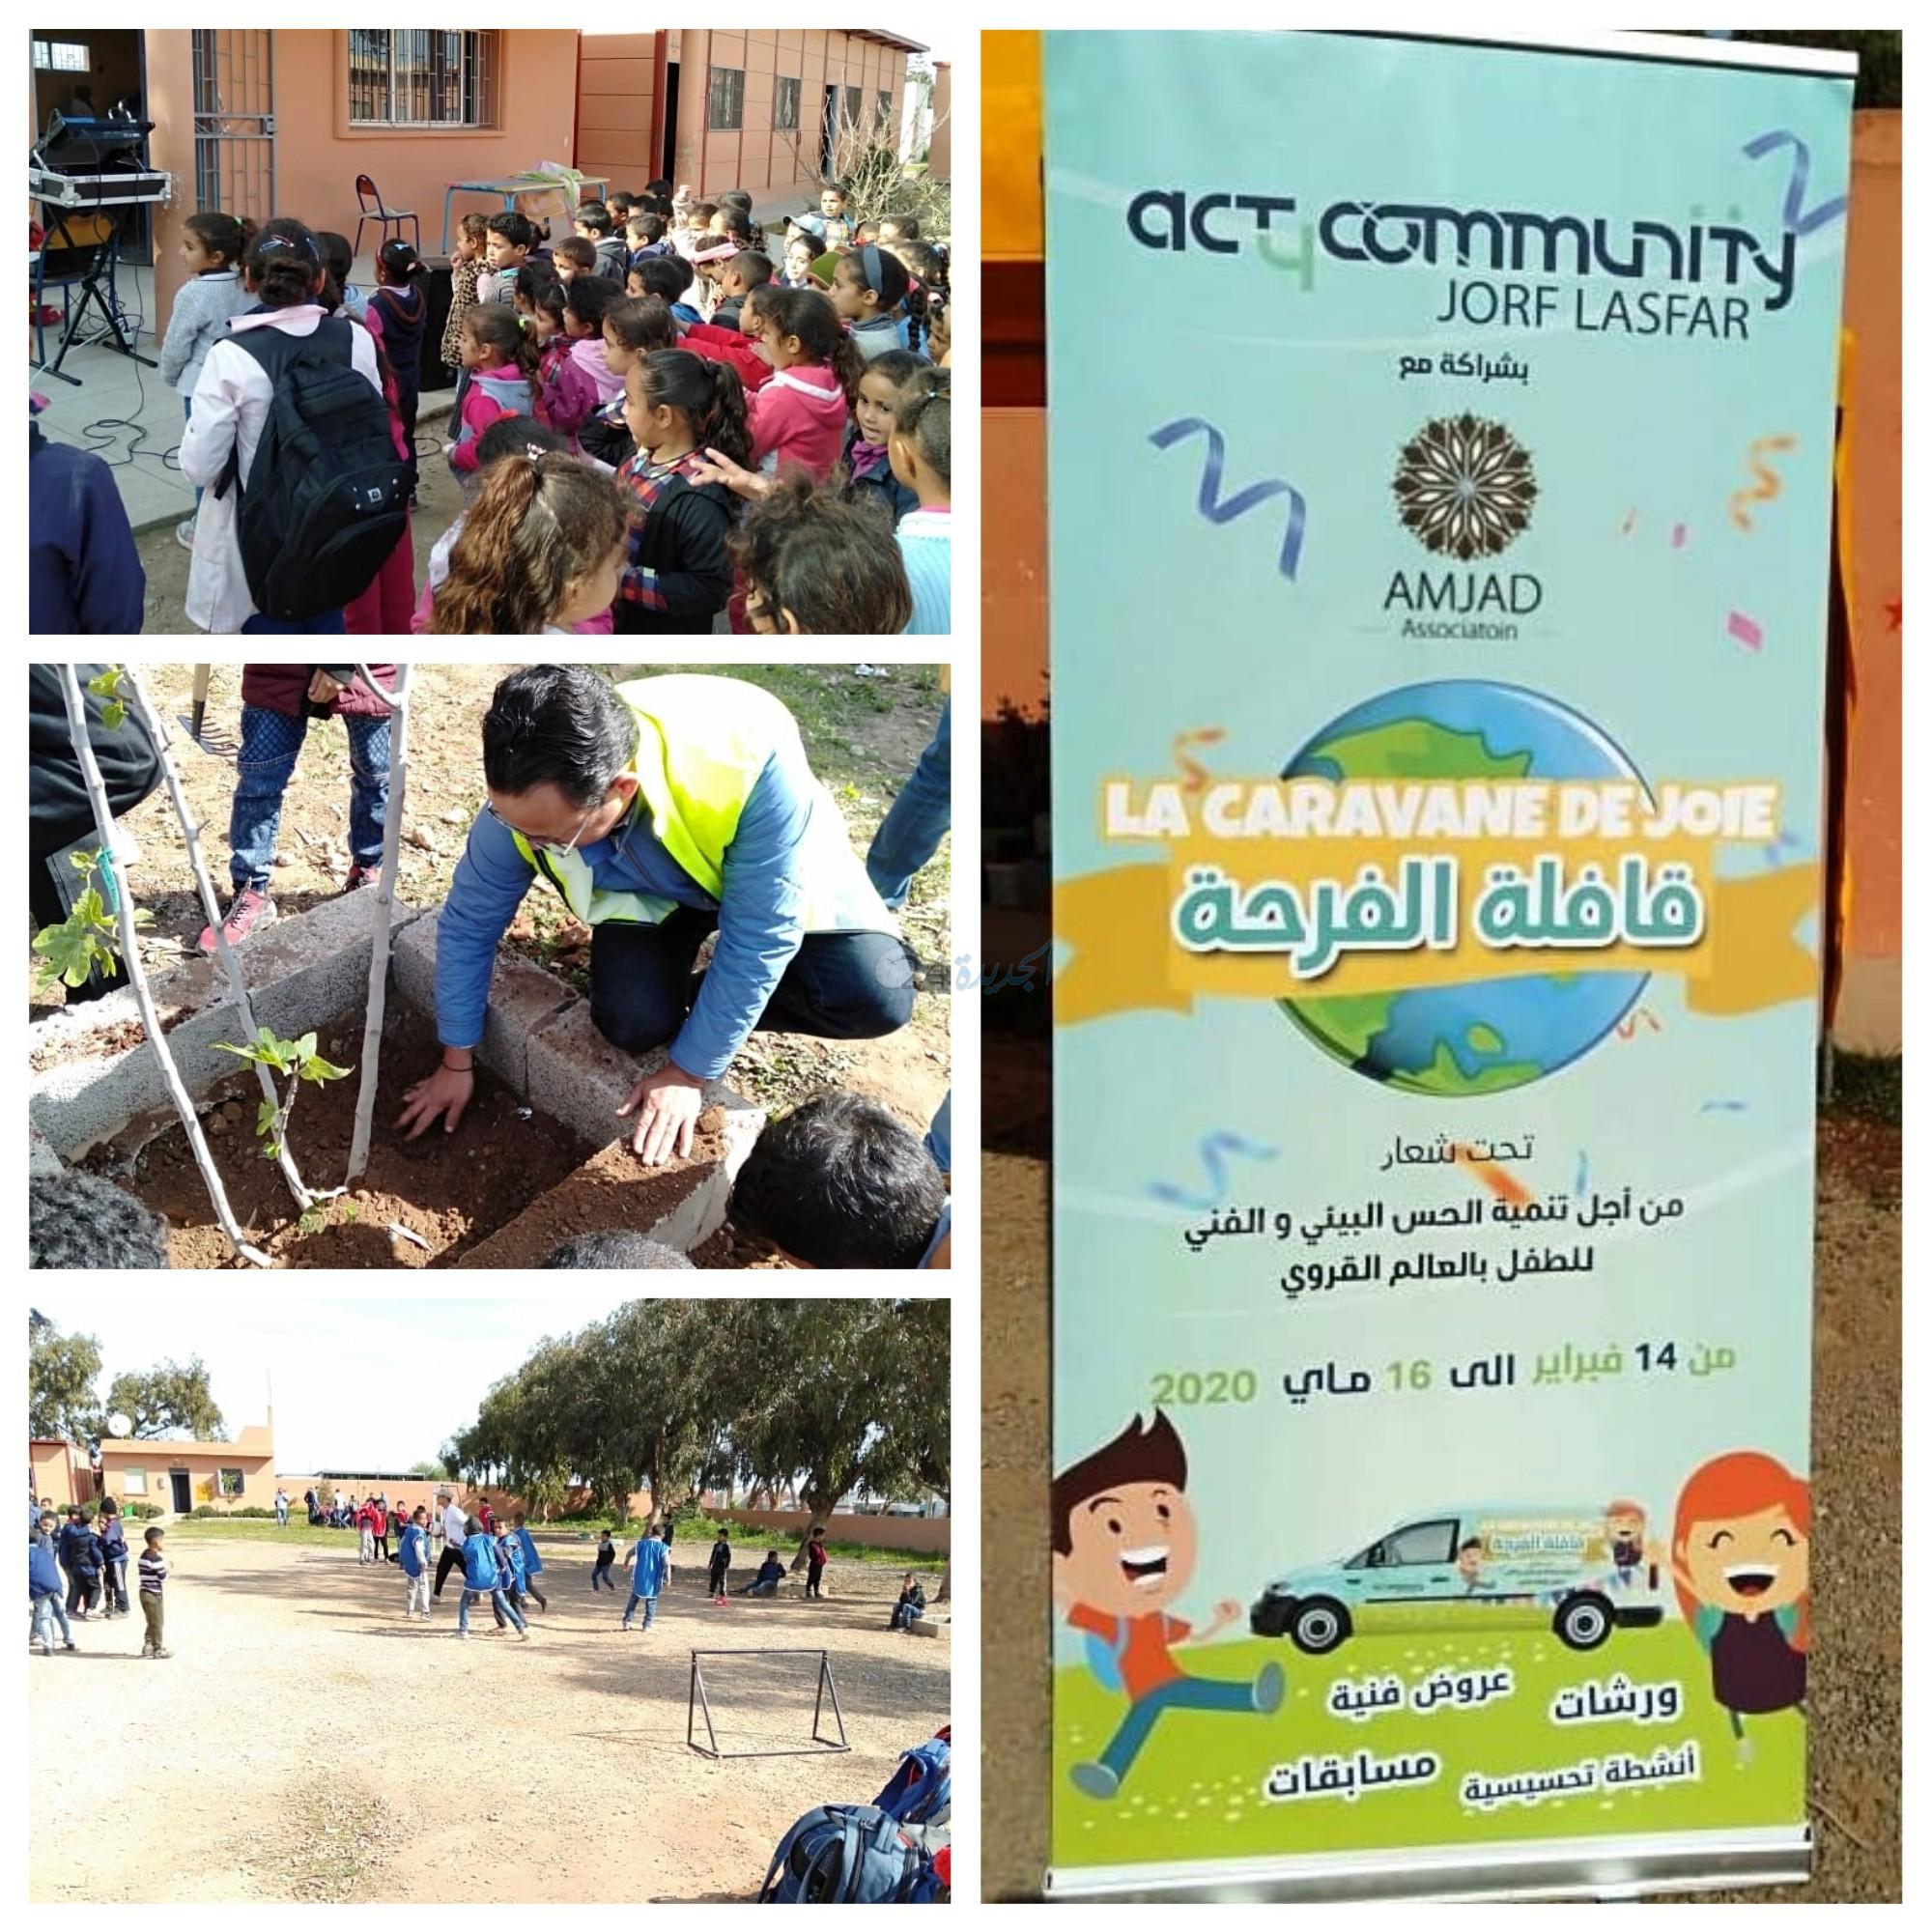 قافلة الفرحة تحط الرحال بمجموعة مدارس الوفاق  و مدرسة اولاد بوسعيد